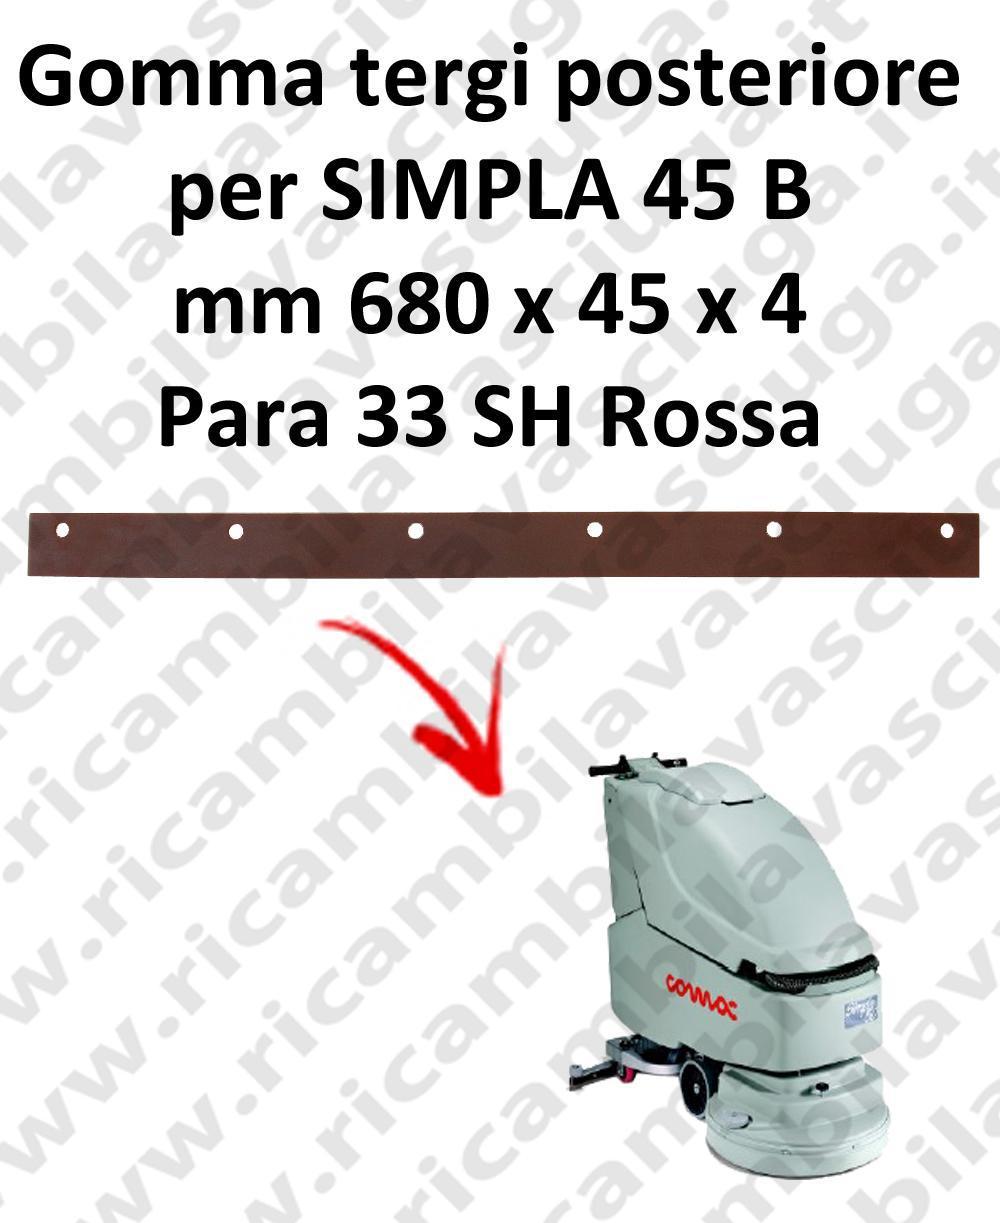 SIMPLA 45 B goma de secado trasero para COMAC repuestos fregadoras squeegee